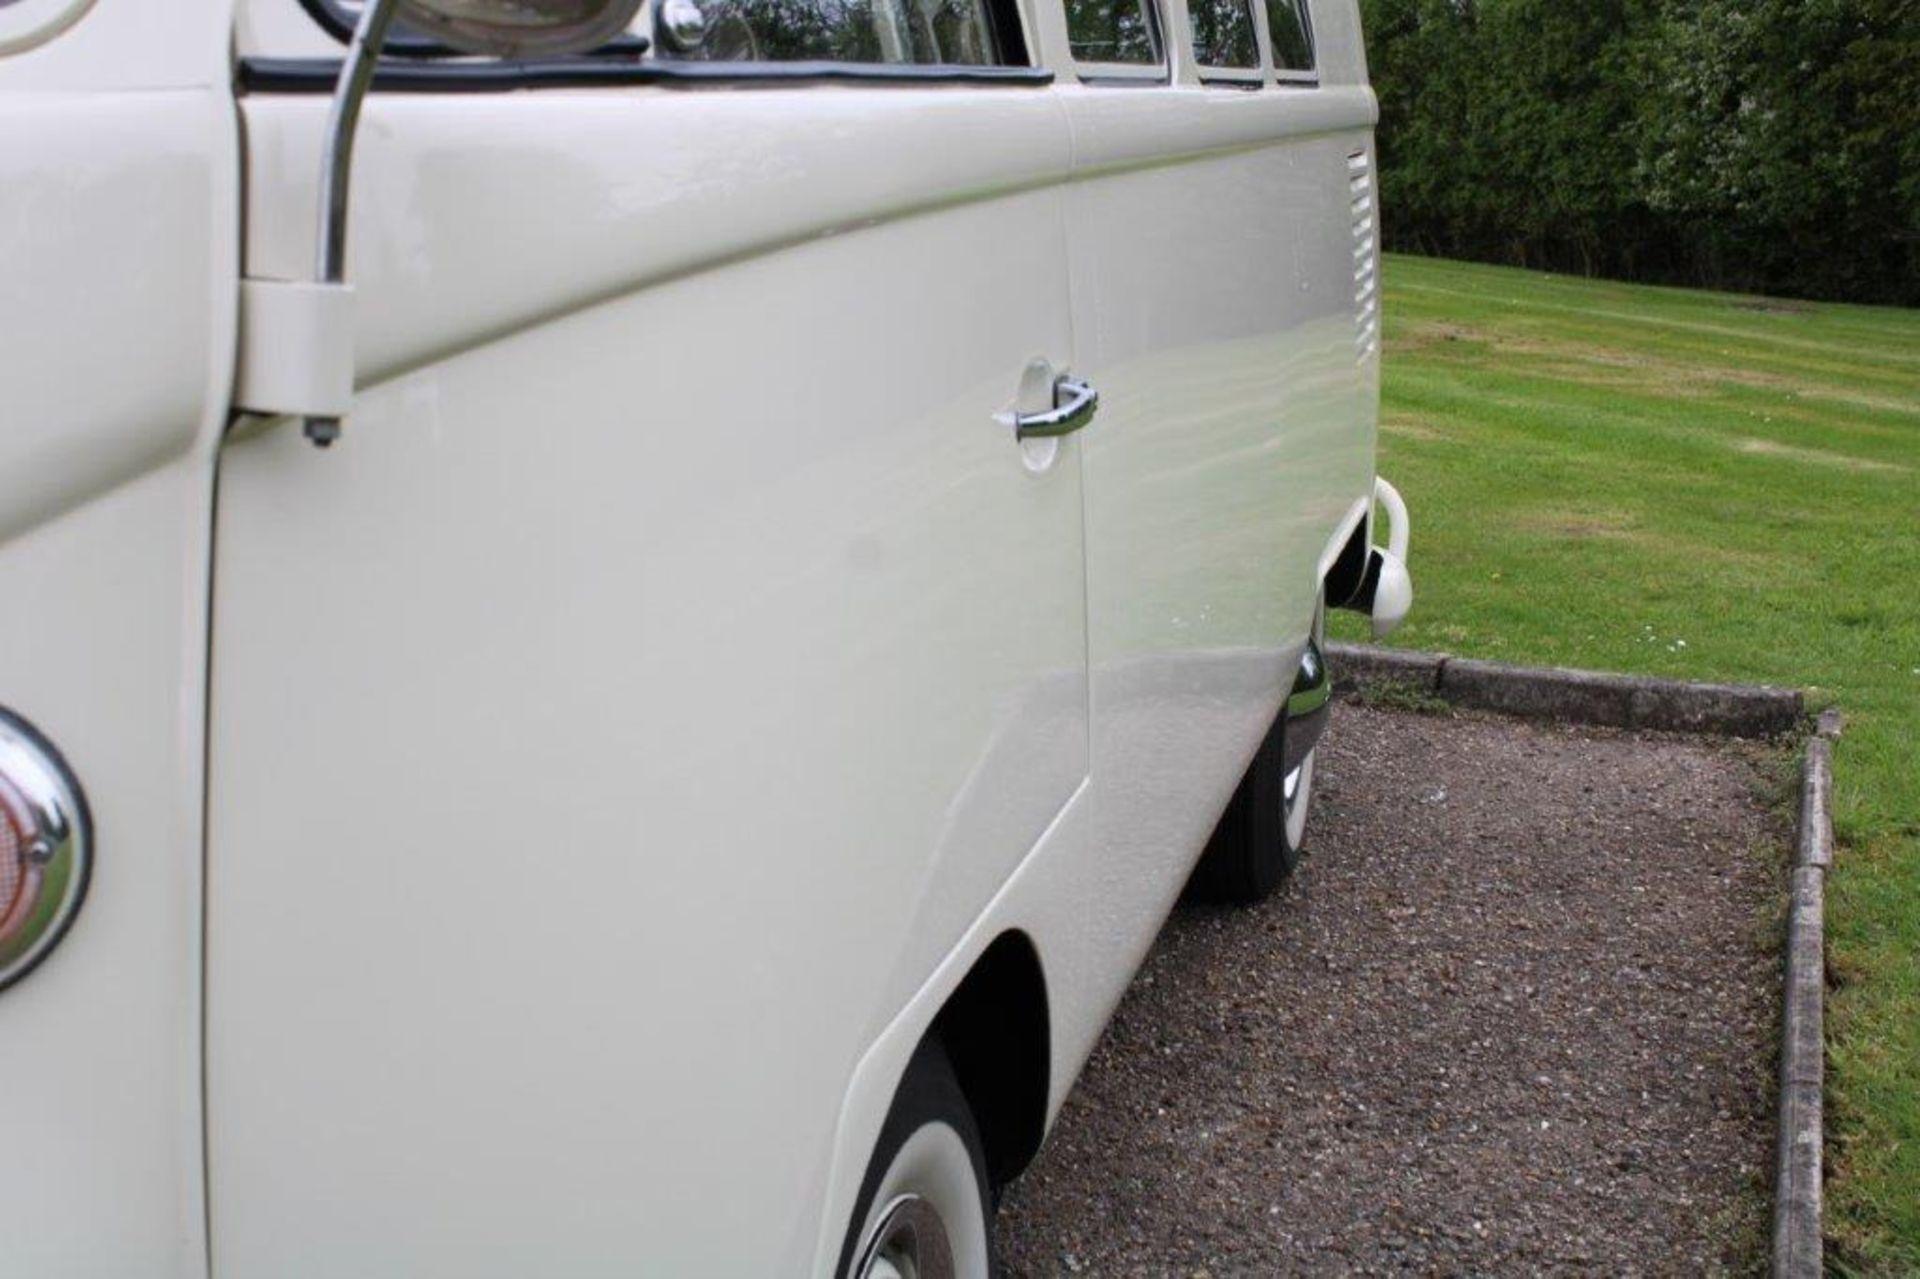 1966 Volkswagen Split Screen Camper LHD - Image 14 of 28